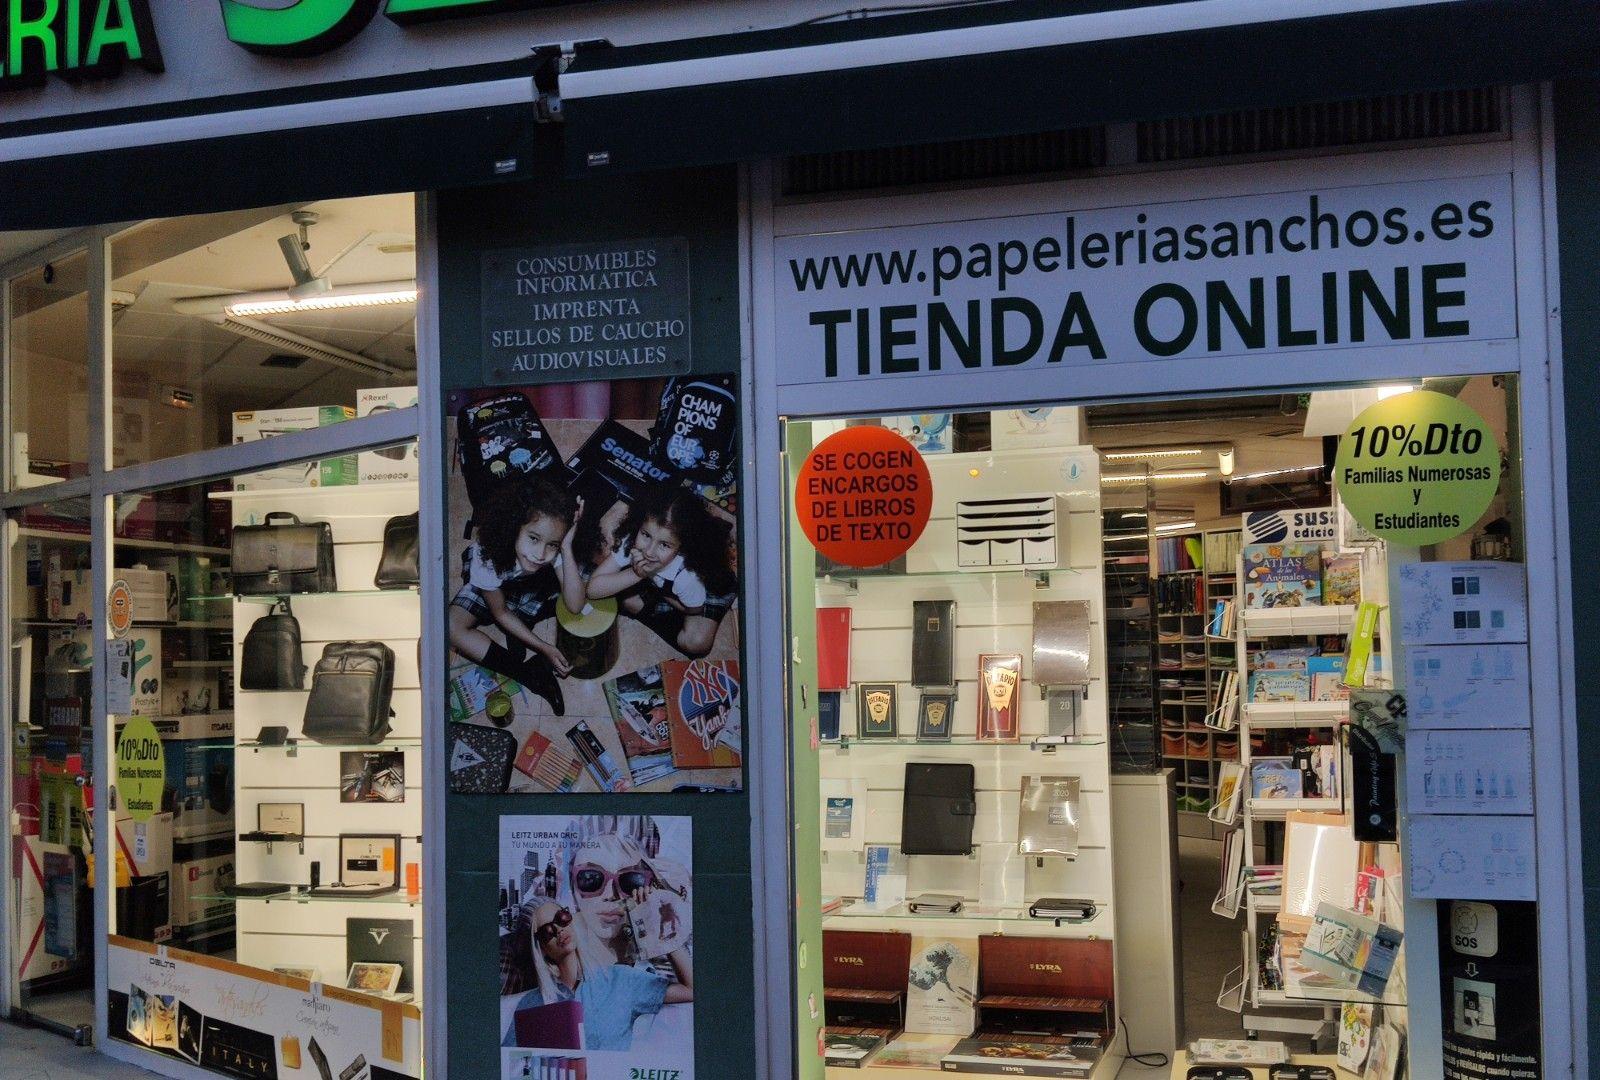 Consumibles, informática, papelería, imprenta, sellos de caucho....on line y en tienda física.